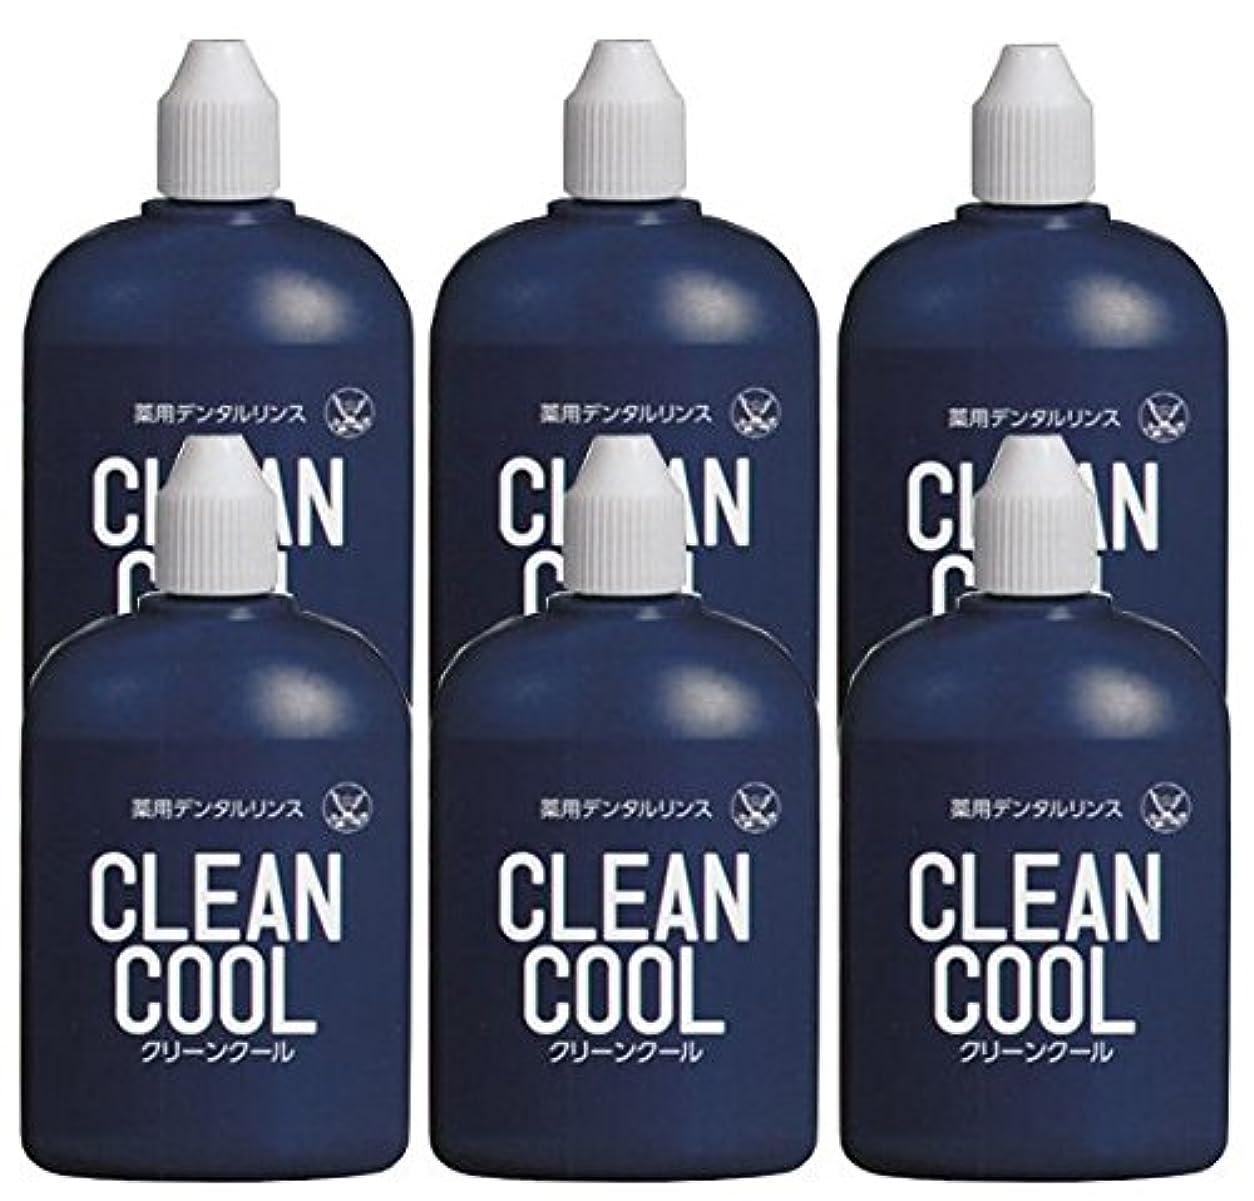 プレミア乏しい取得する薬用デンタルリンス クリーンクール (CLEAN COOL) 洗口液 100ml × 6個